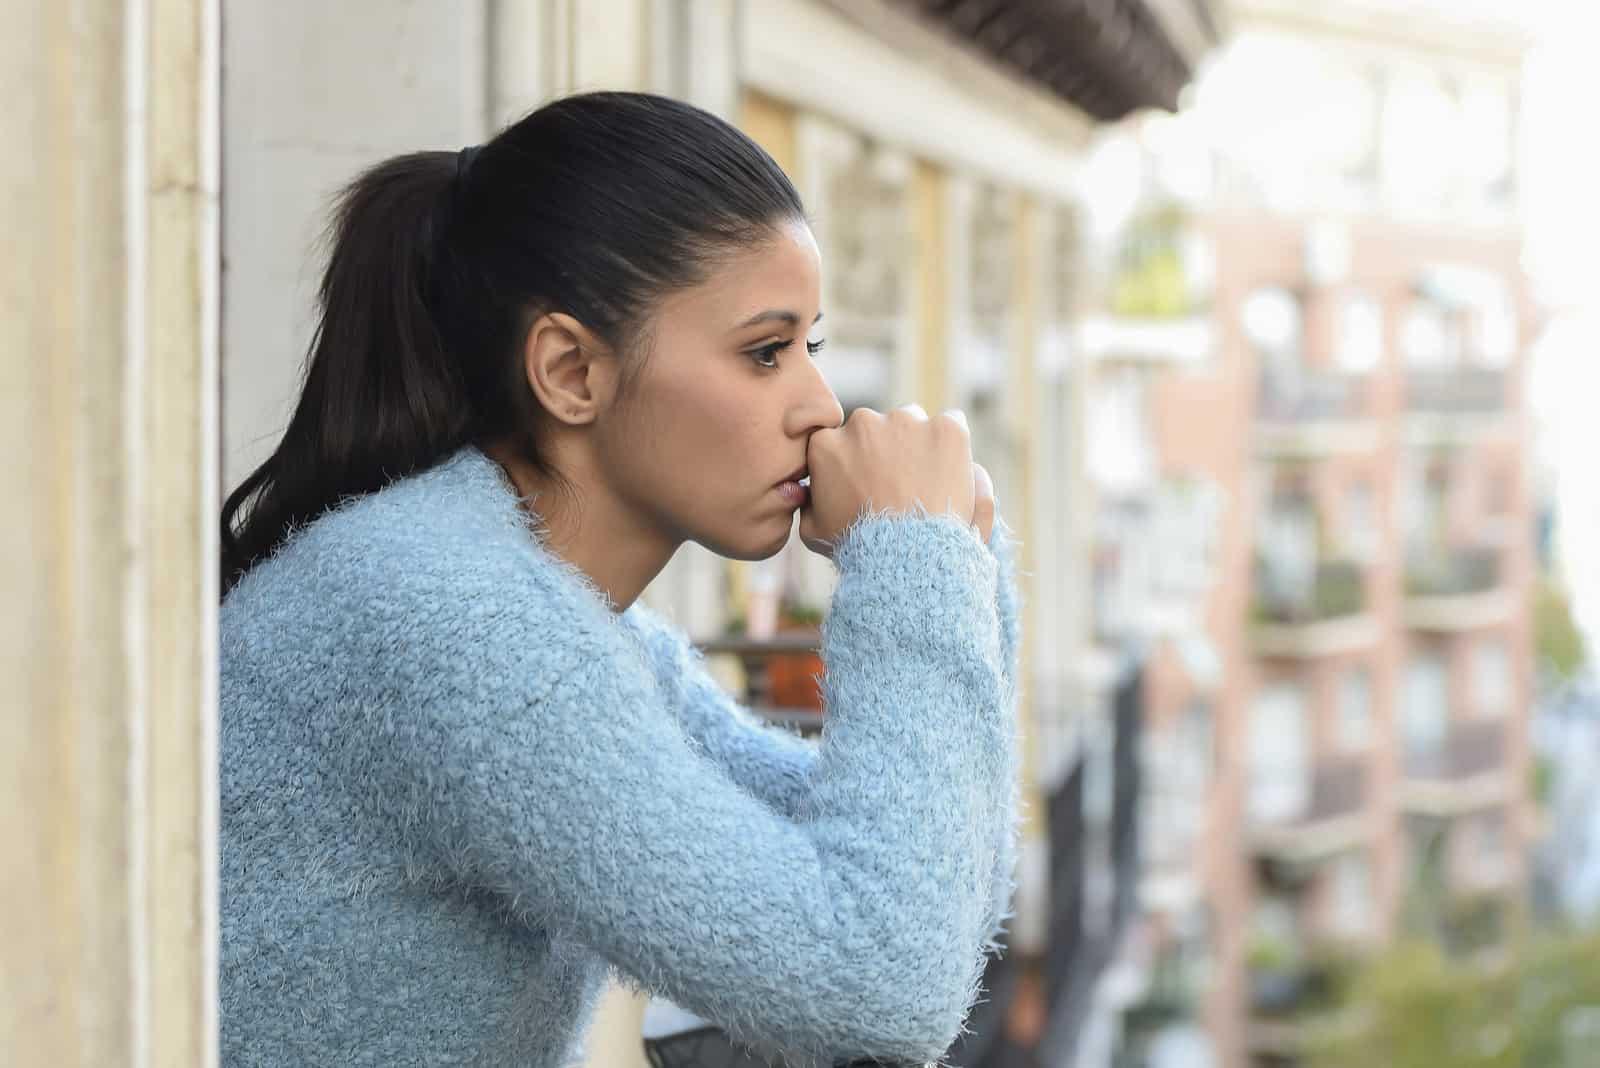 Eine traurige Brünette in einem blauen Pullover steht auf dem Balkon und denkt nach